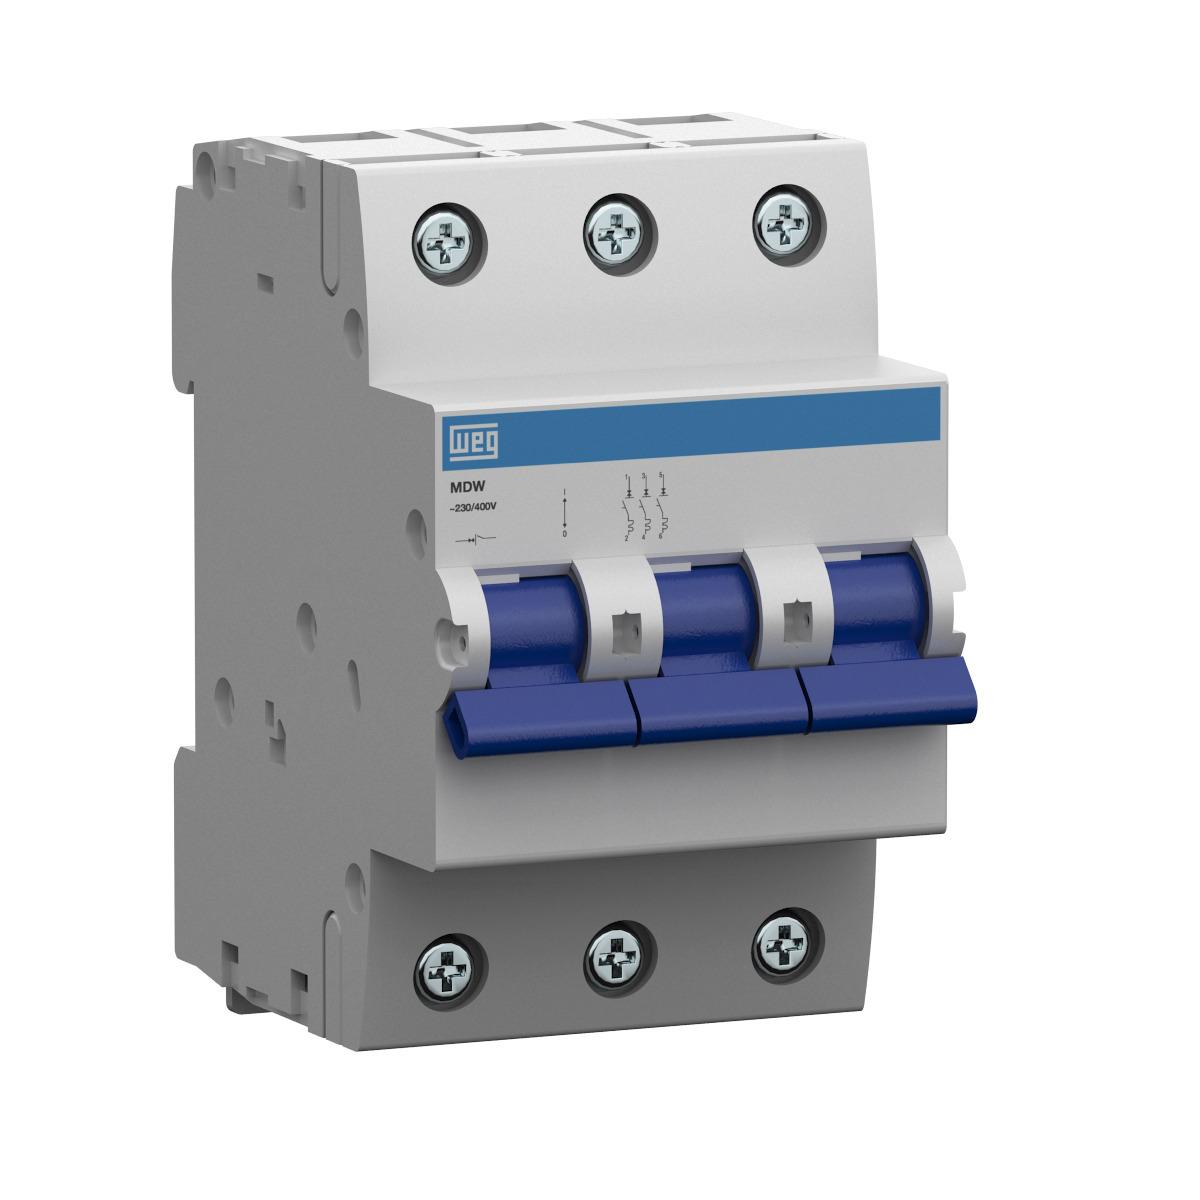 Minidisjuntor Termomagnético Weg Mdw-C70-3